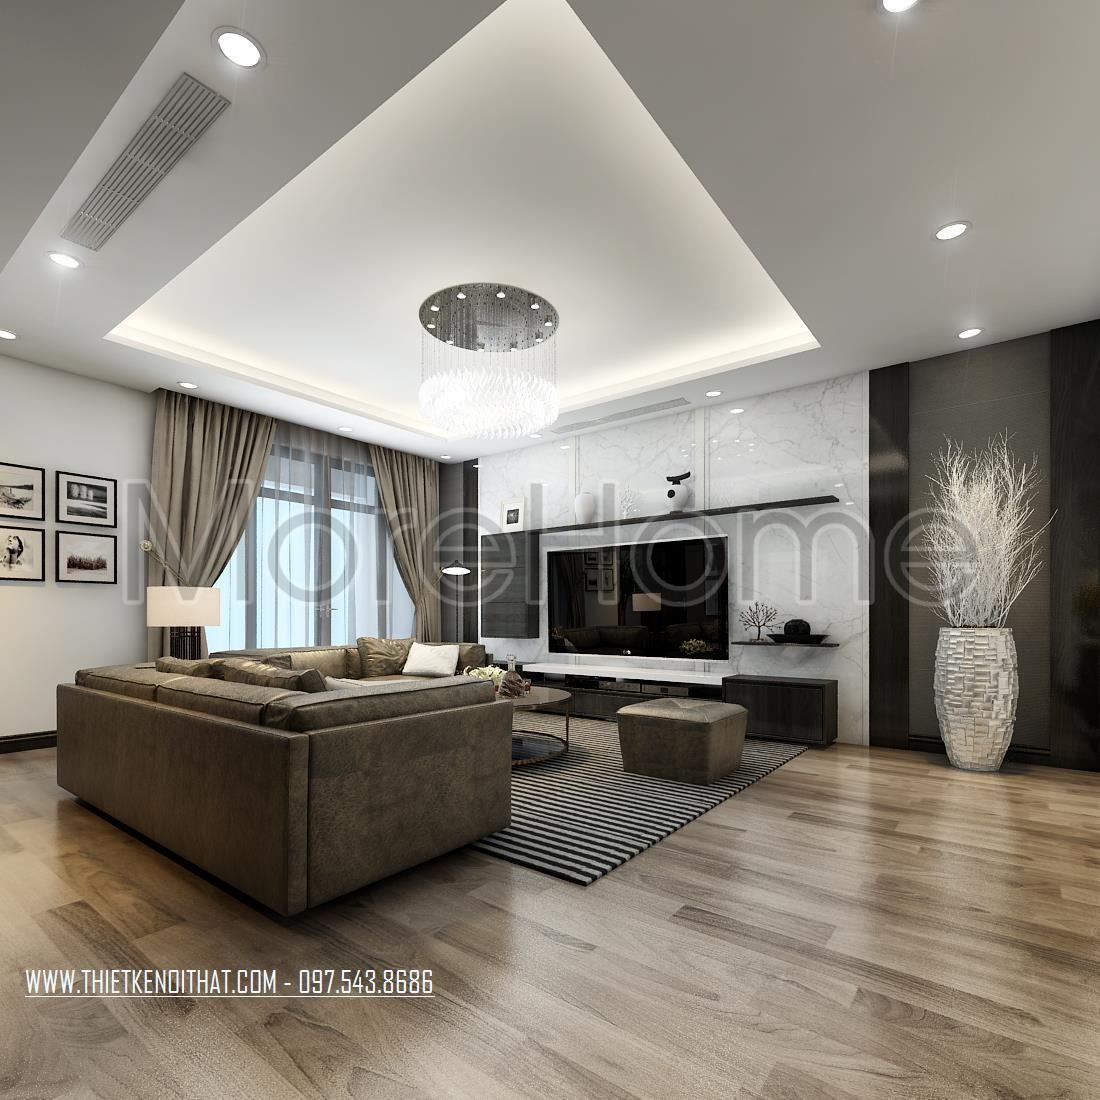 Thiết kế nội thất chung cư hiện đại tại ROYAL CITY - Anh Nguyên ...